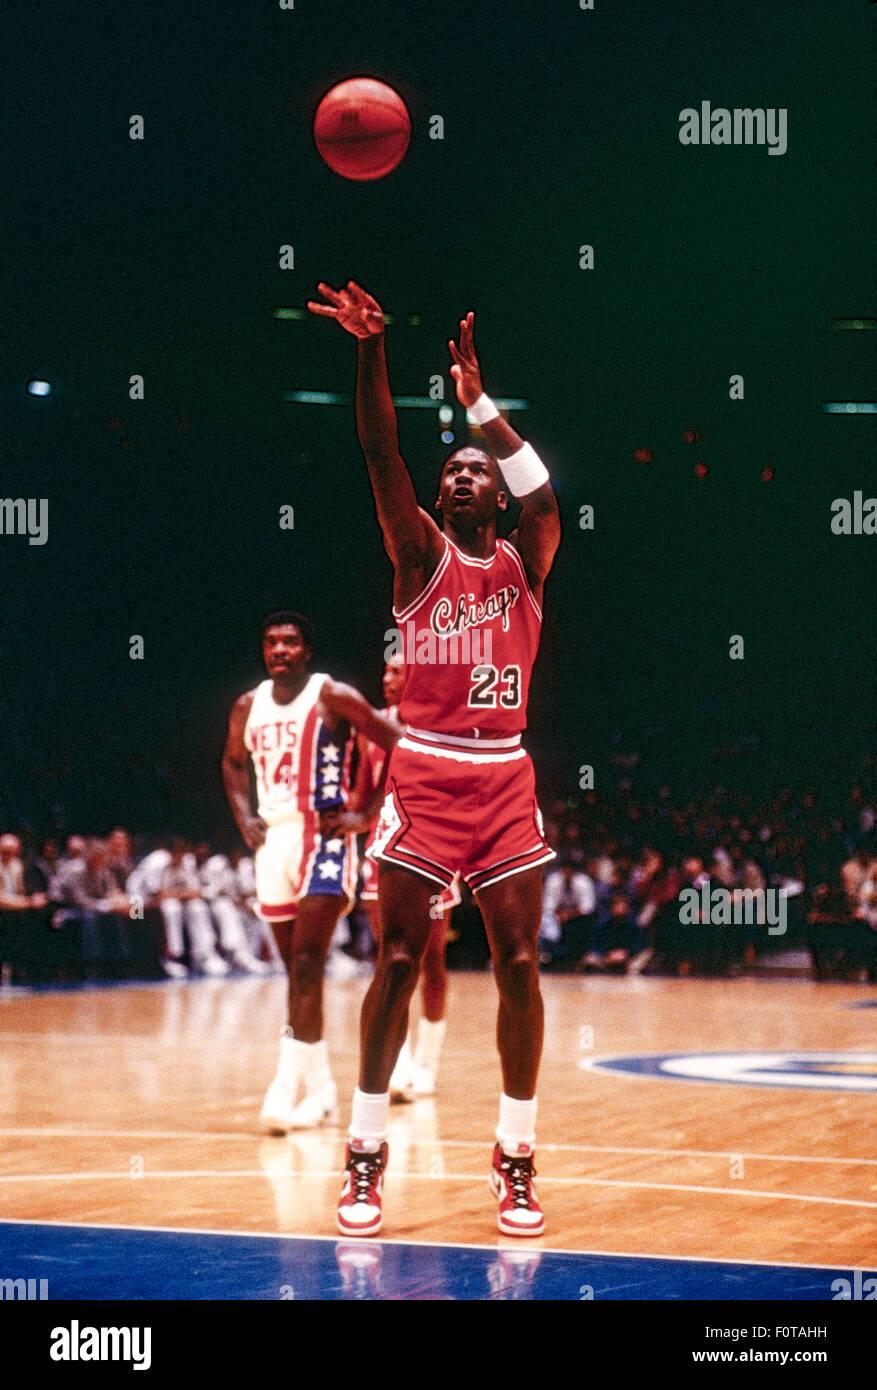 Michael Jordan Stockfotos & Michael Jordan Bilder - Seite 3 - Alamy